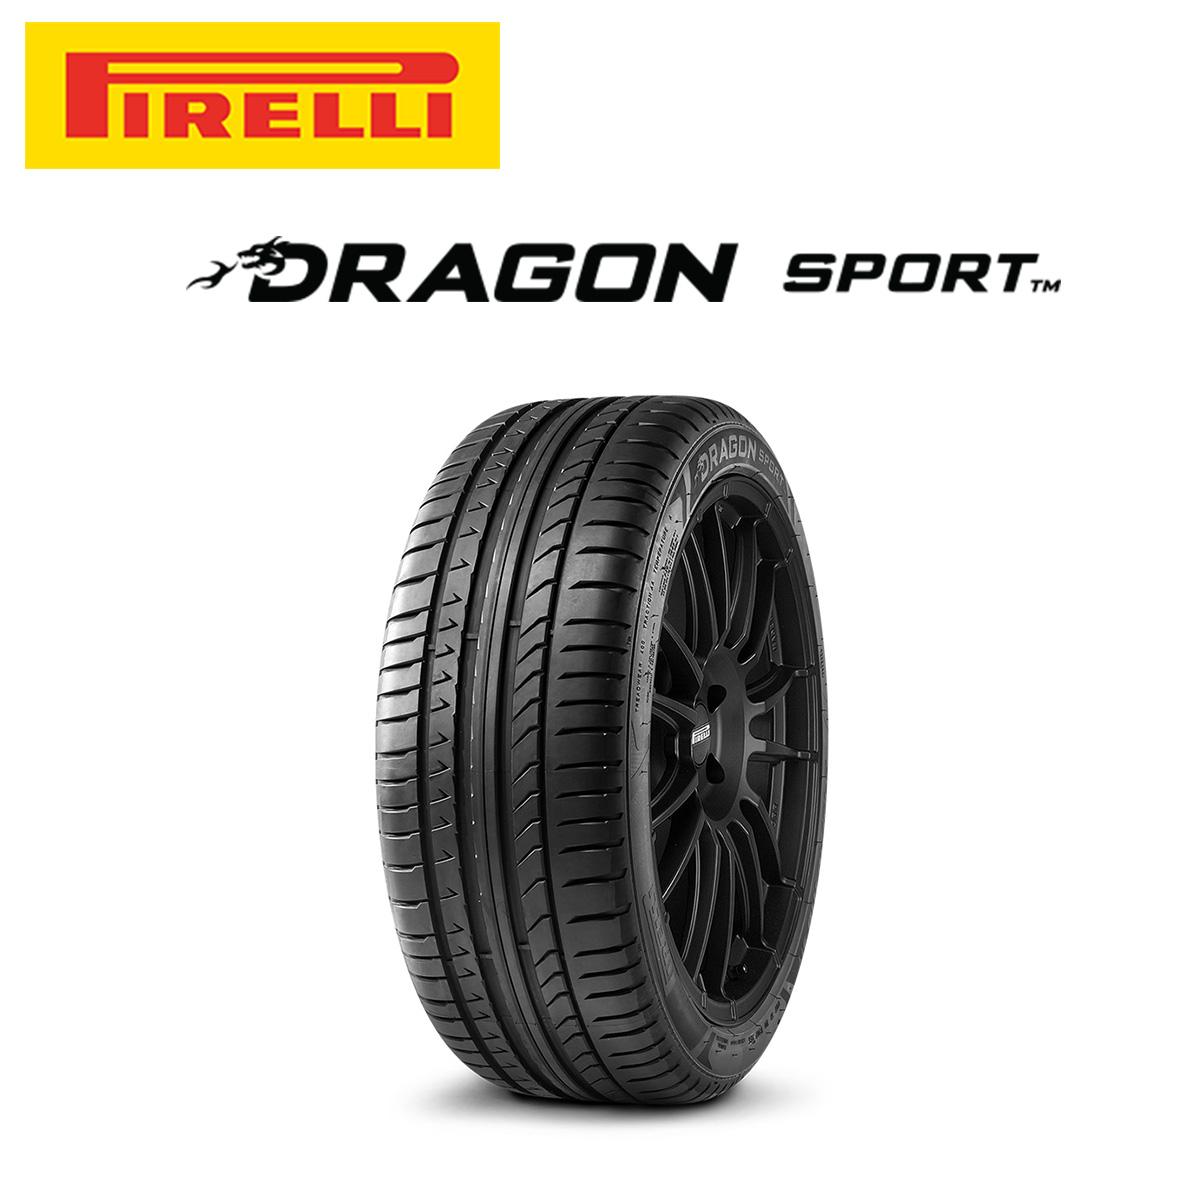 ピレリ PIRELLI DRAGON SPORT ドラゴンスポーツ 18インチ サマー タイヤ 1本 245/45R18 100Y XL EXTRA LOAD規格 ロープロファイルタイヤシリーズ 2645800